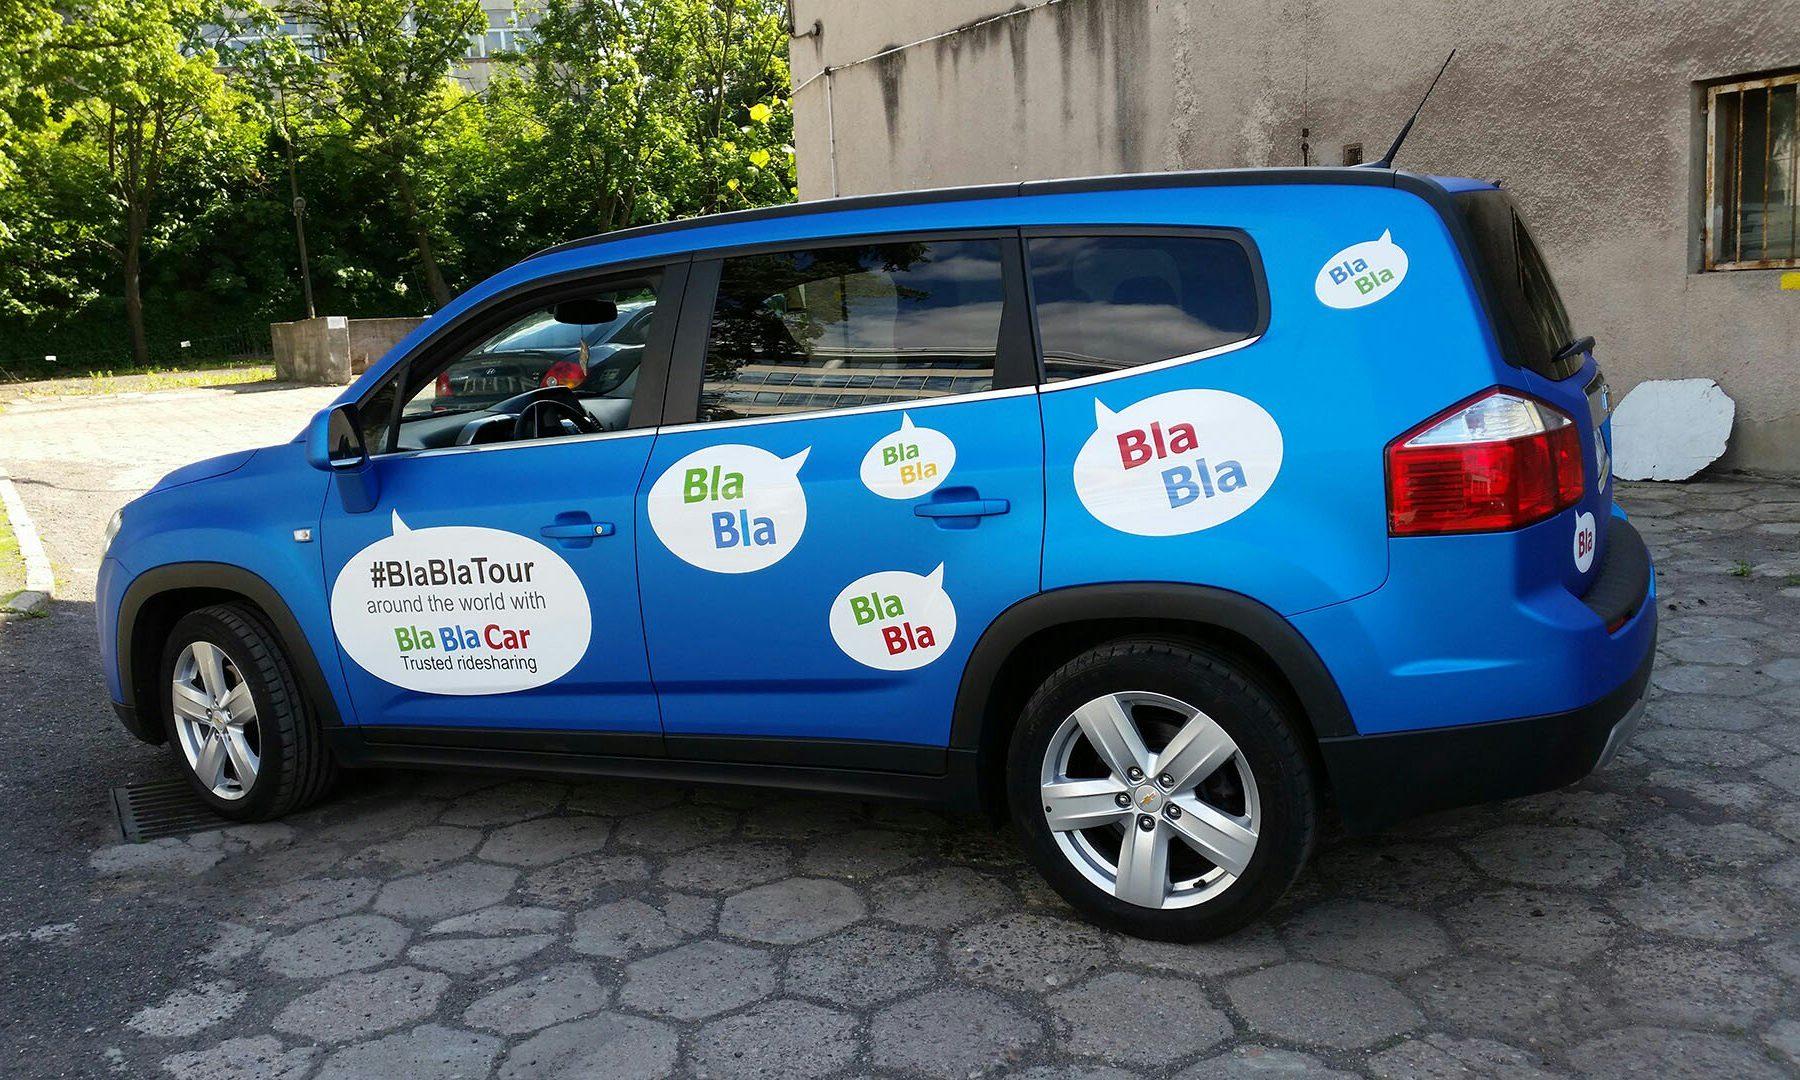 Как найти поездку в Блаблакар без регистрации?